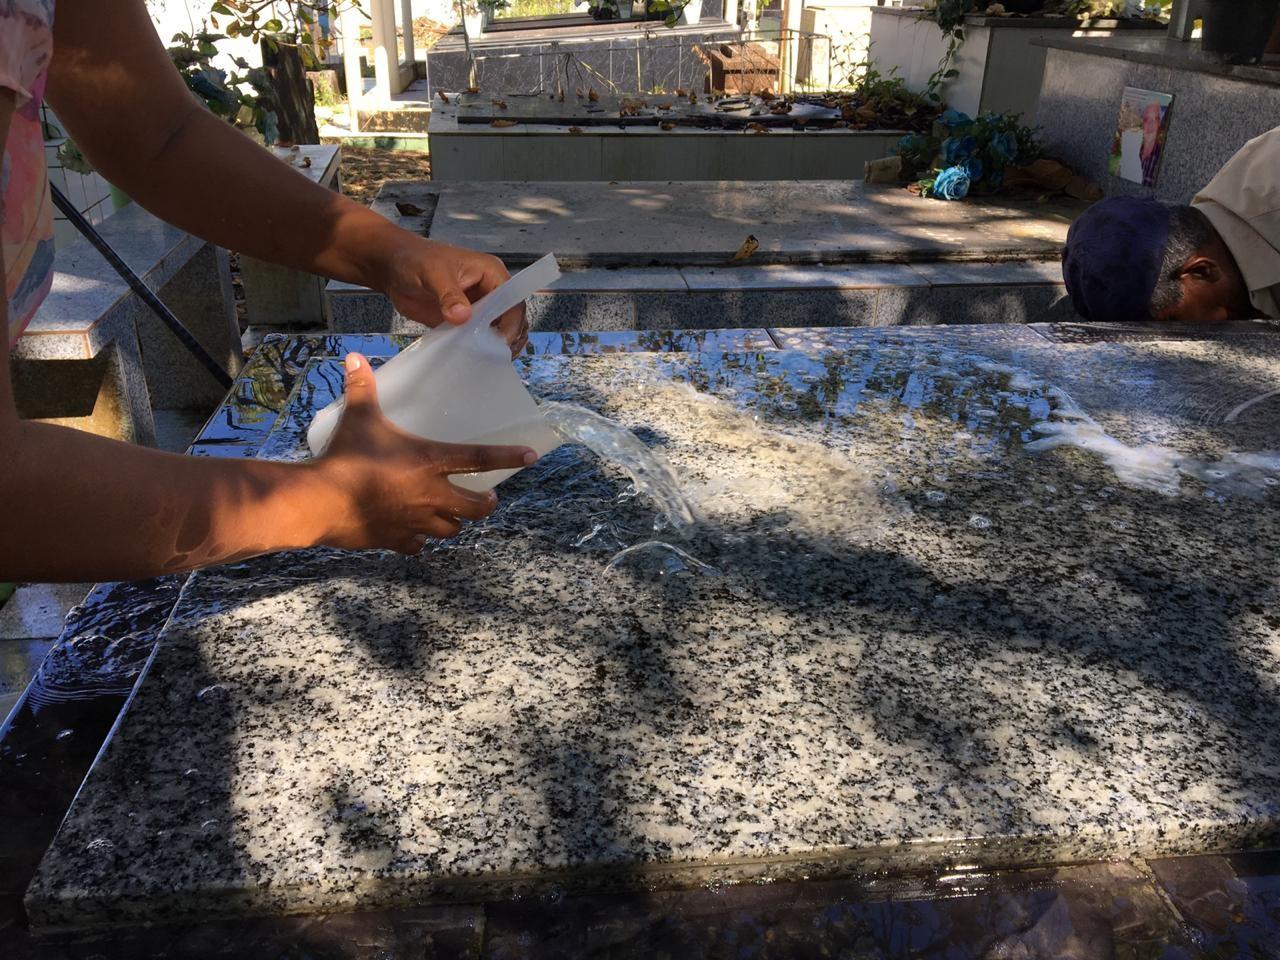 Rio Preto estabelece datas para limpezas e reformas de túmulos para o Dia de Finados